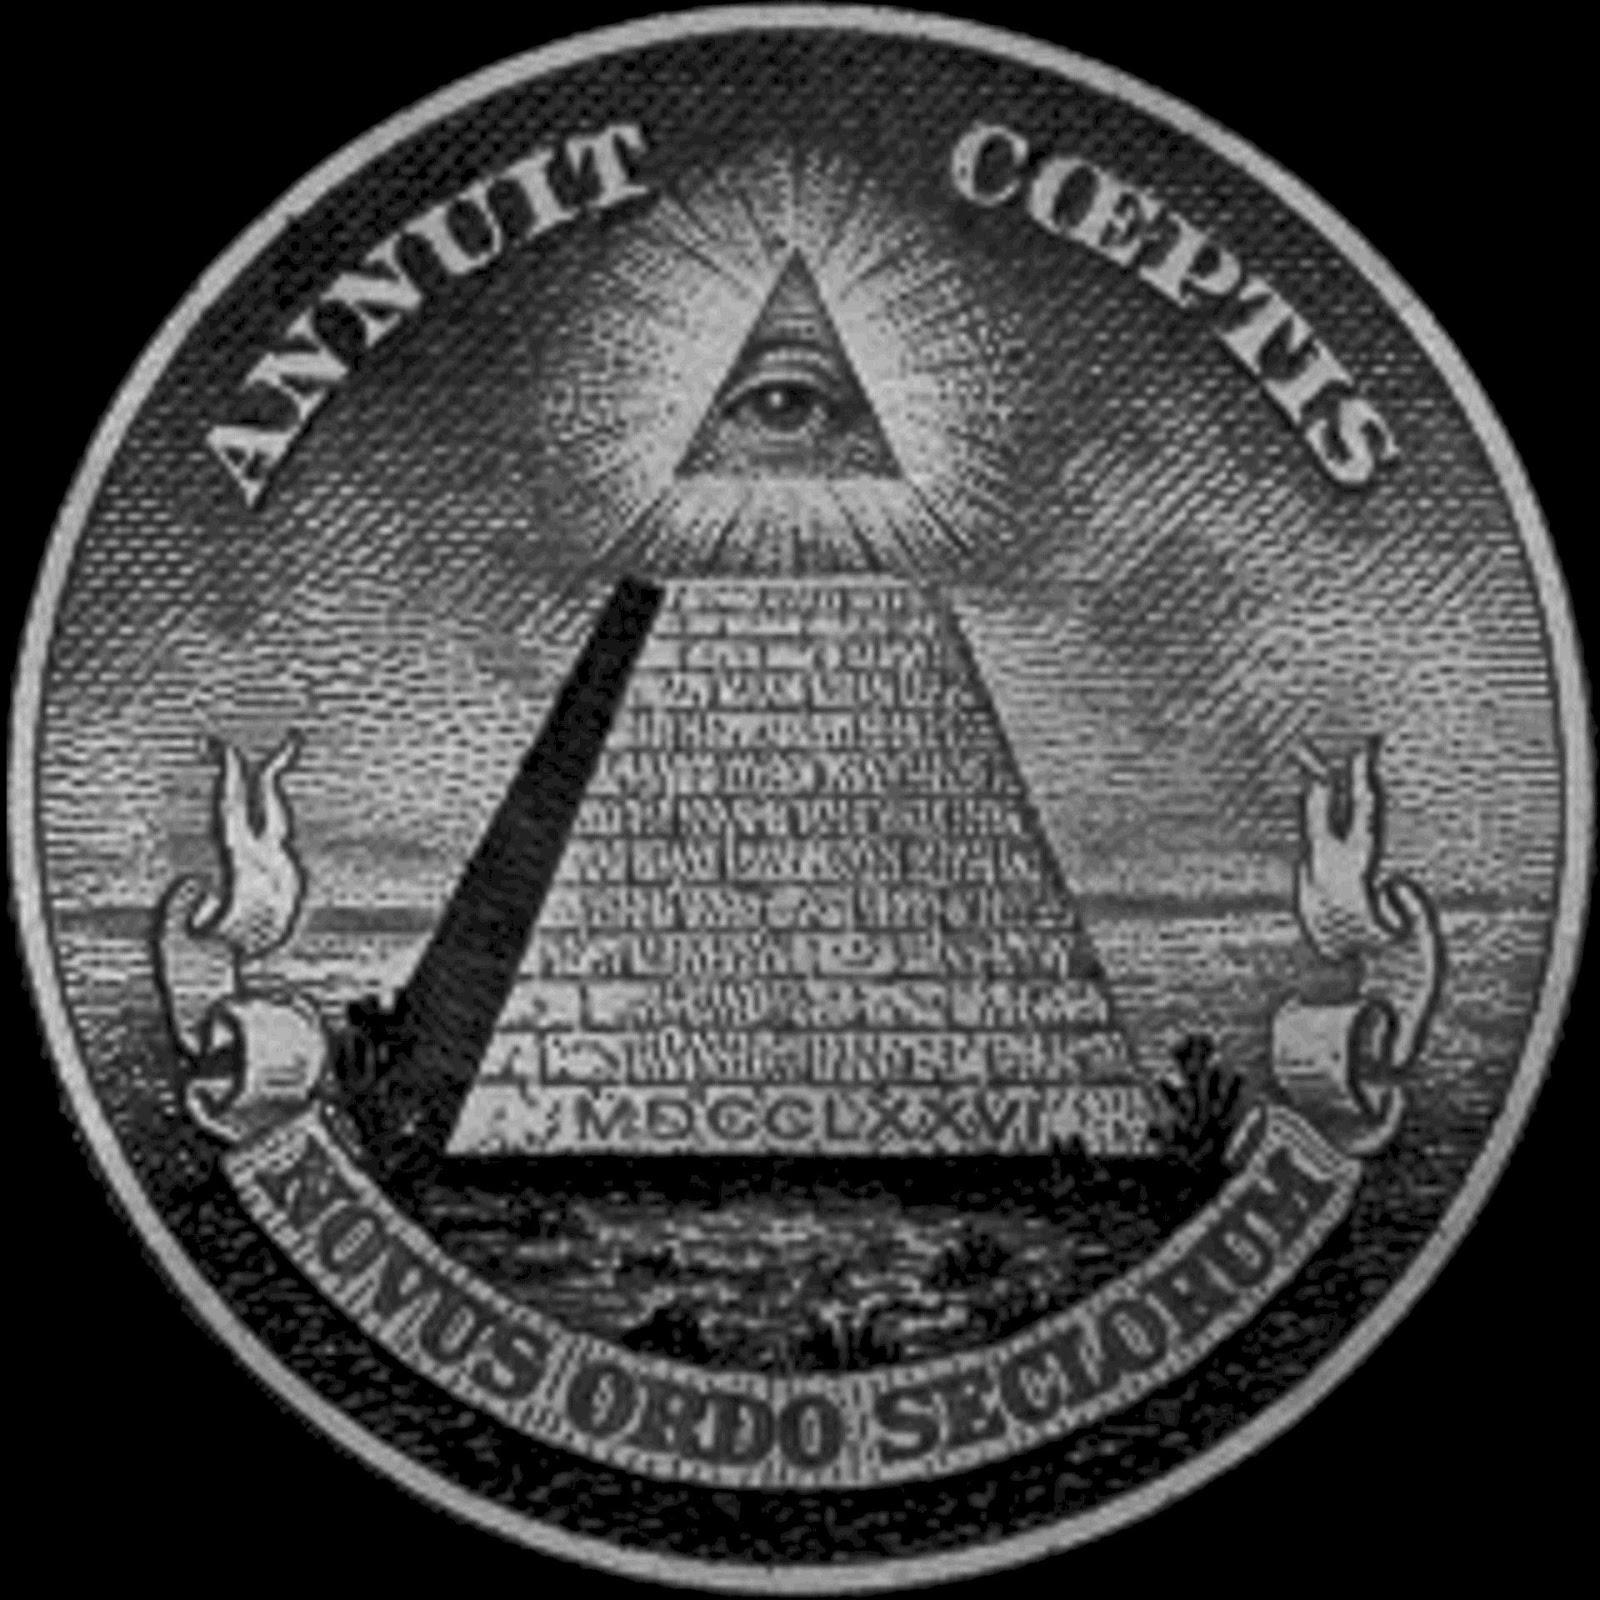 Illuminati Pyramid Eye